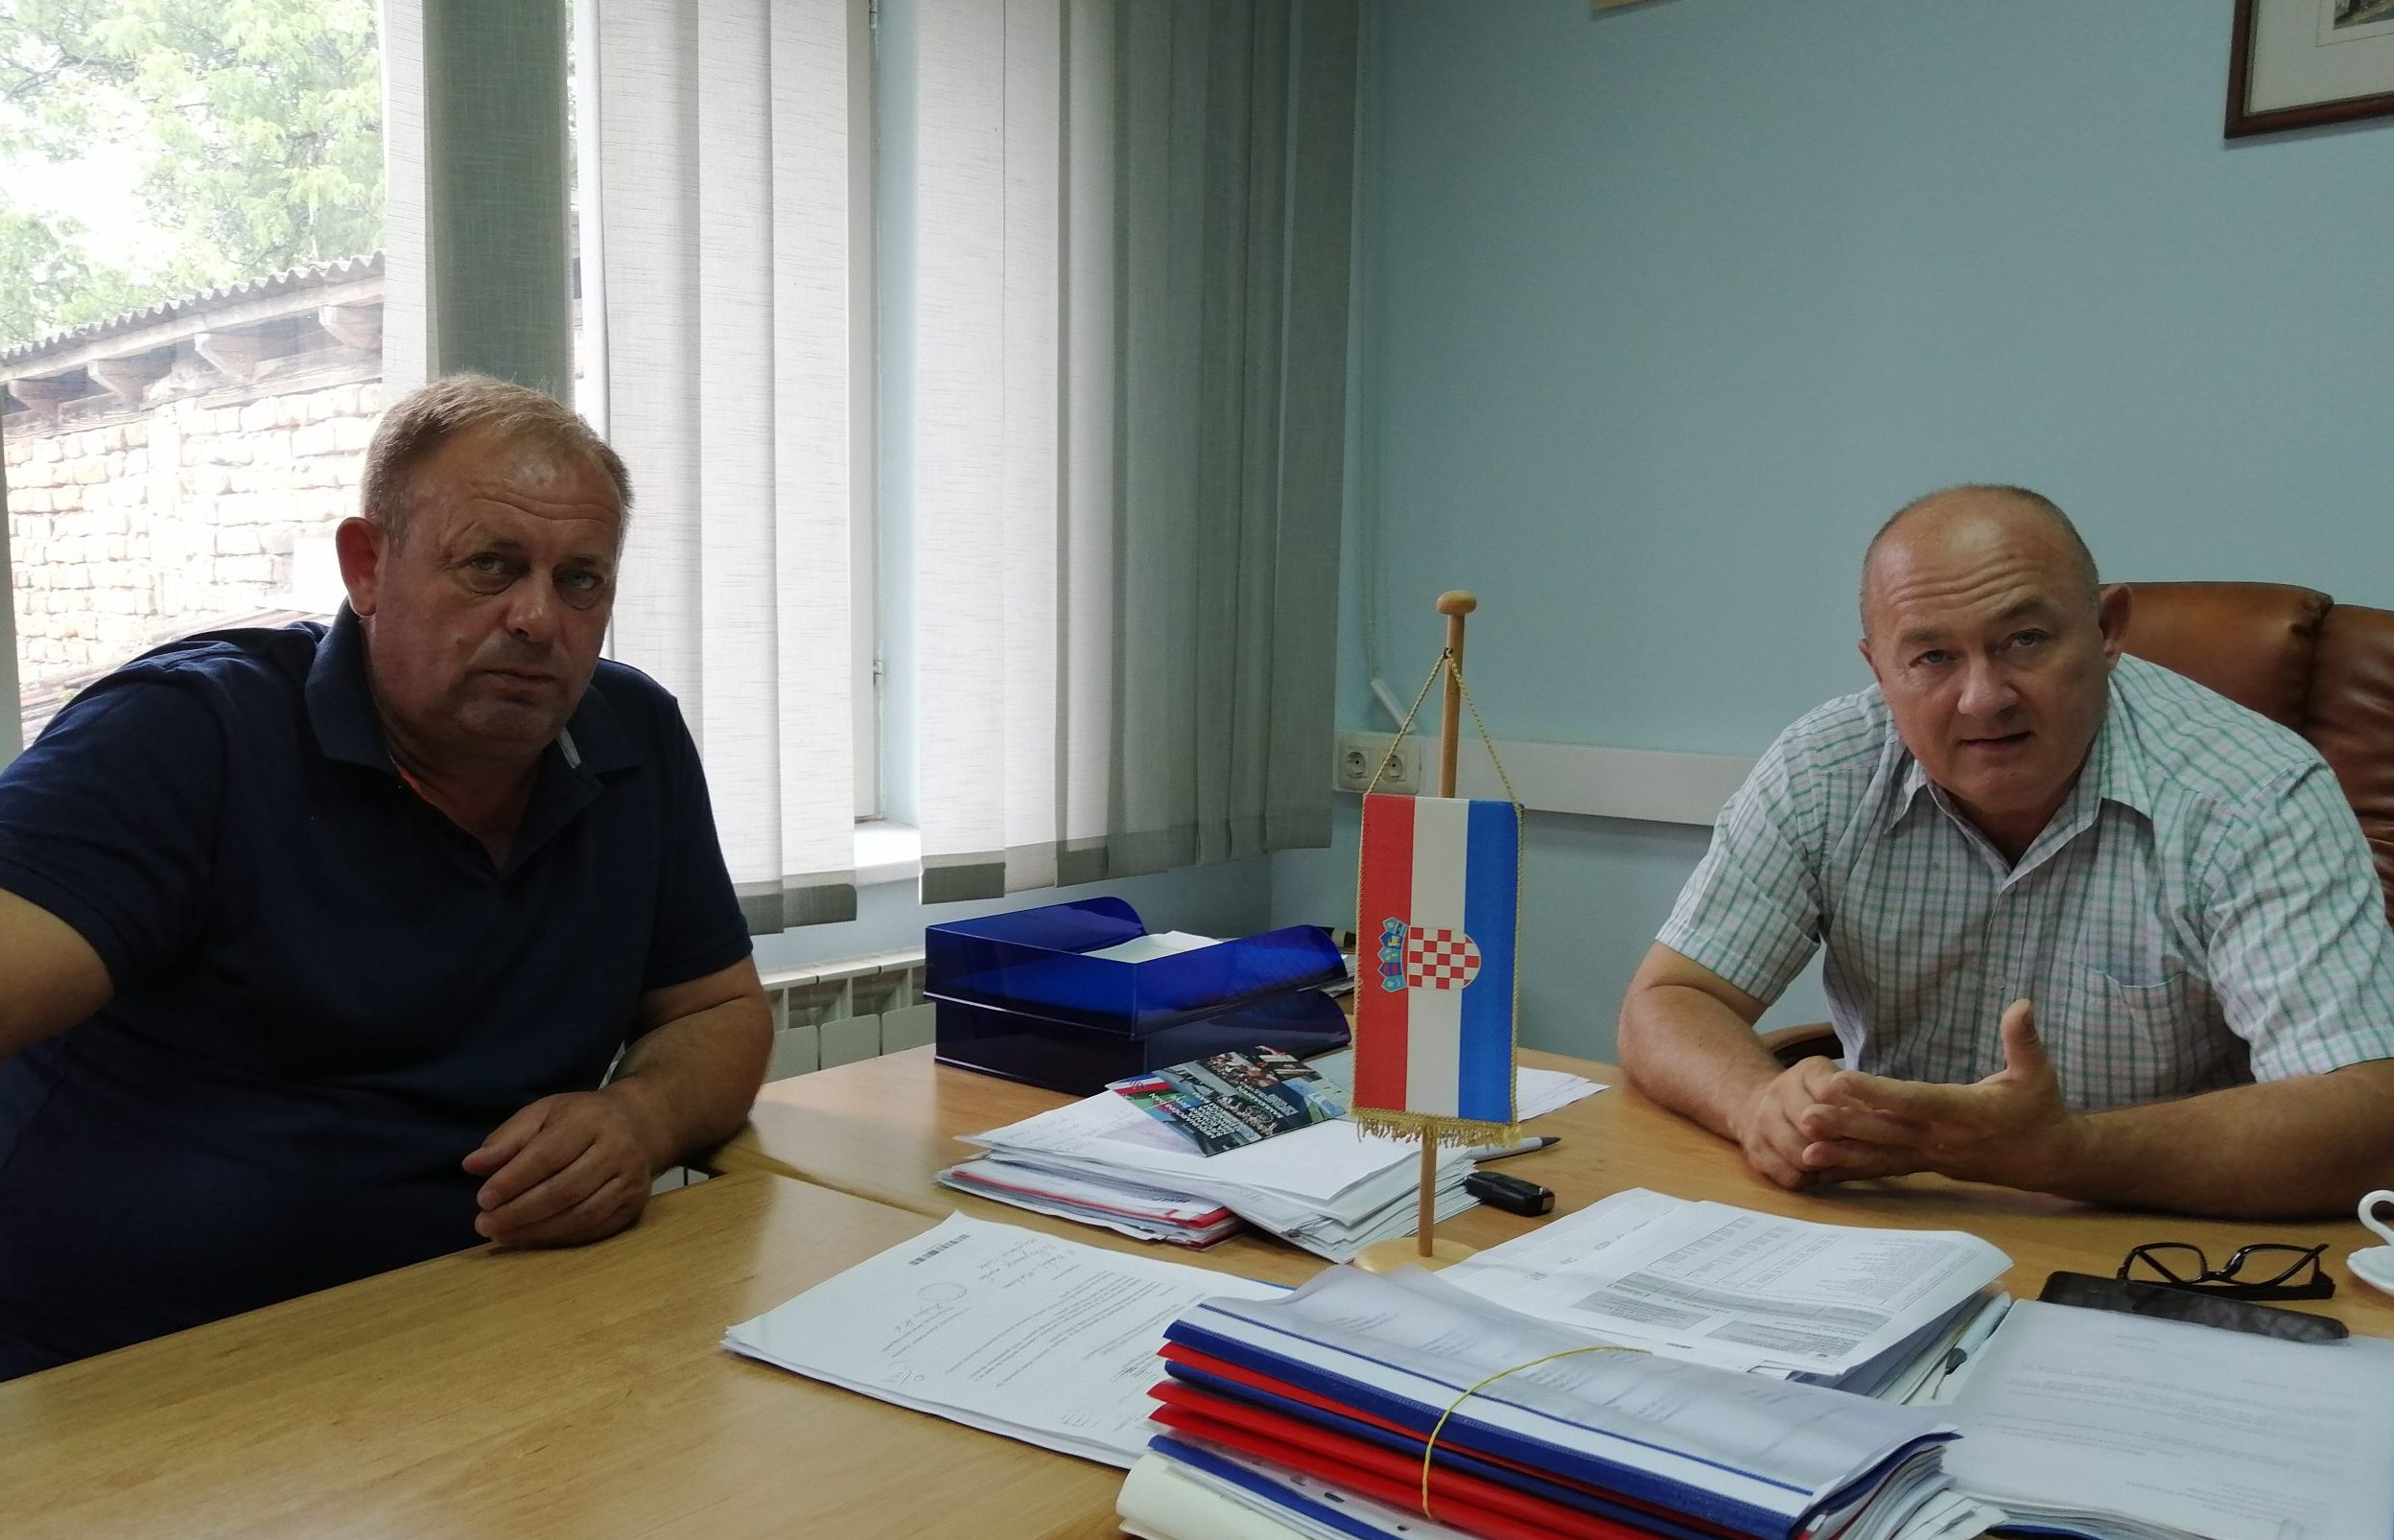 Nakon četiri Hodakova mandata, Đulovac dobiva novog načelnika